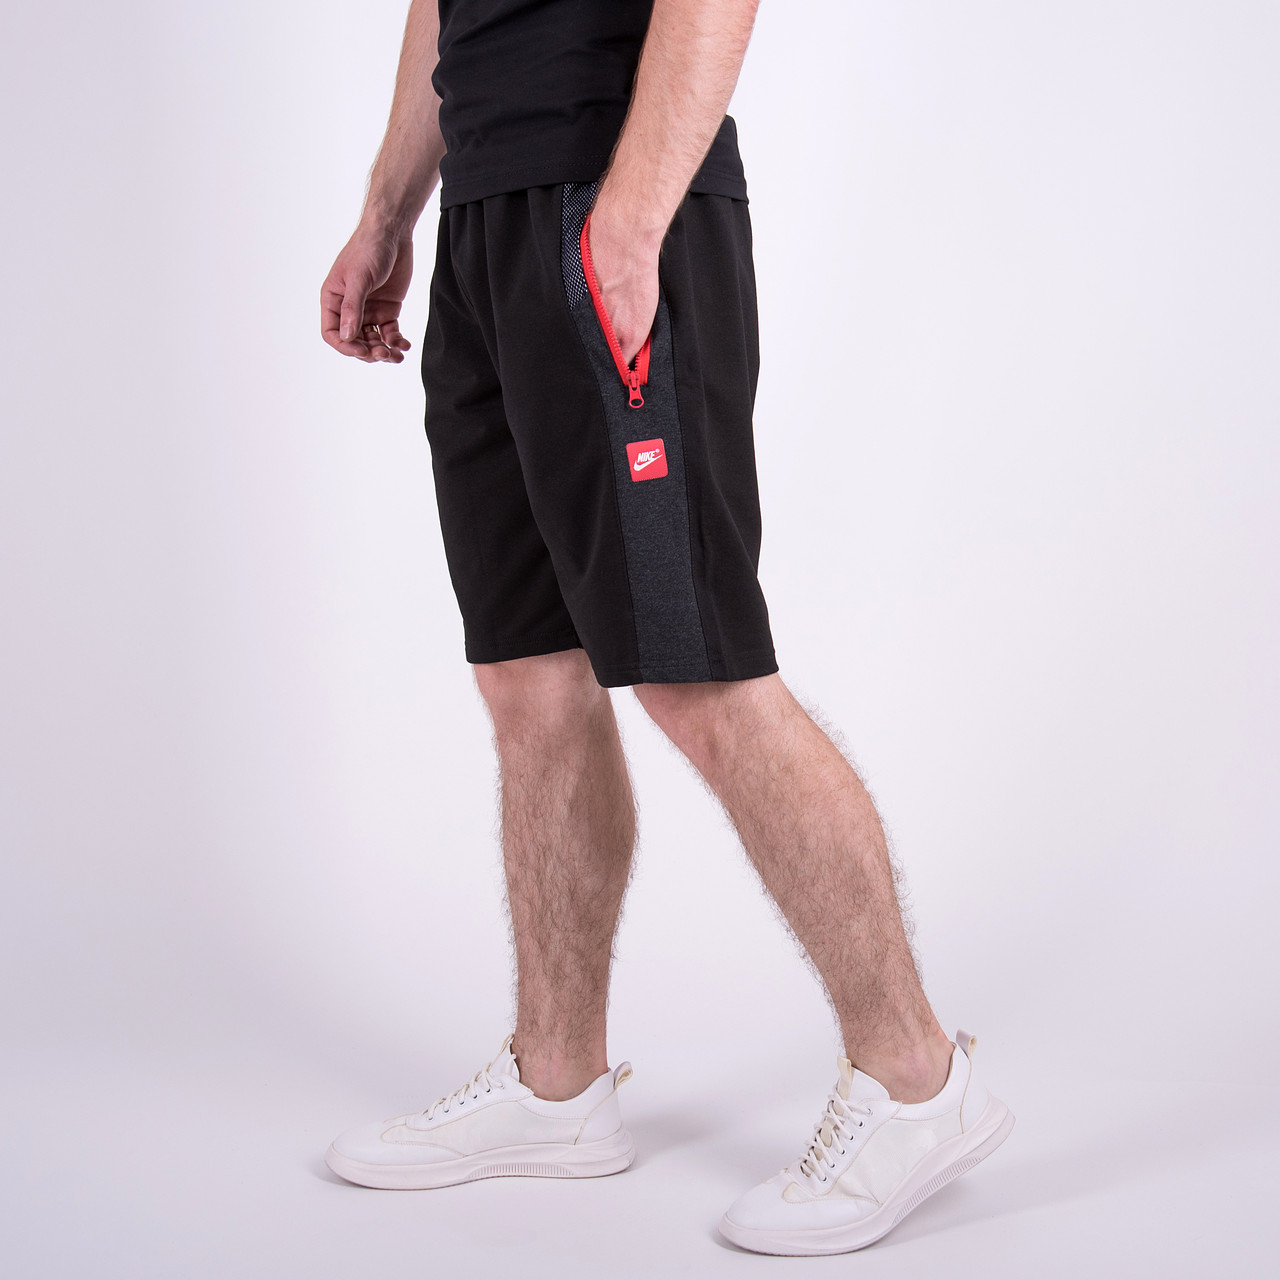 Чоловічі трикотажні шорти Nike, чорного кольору.